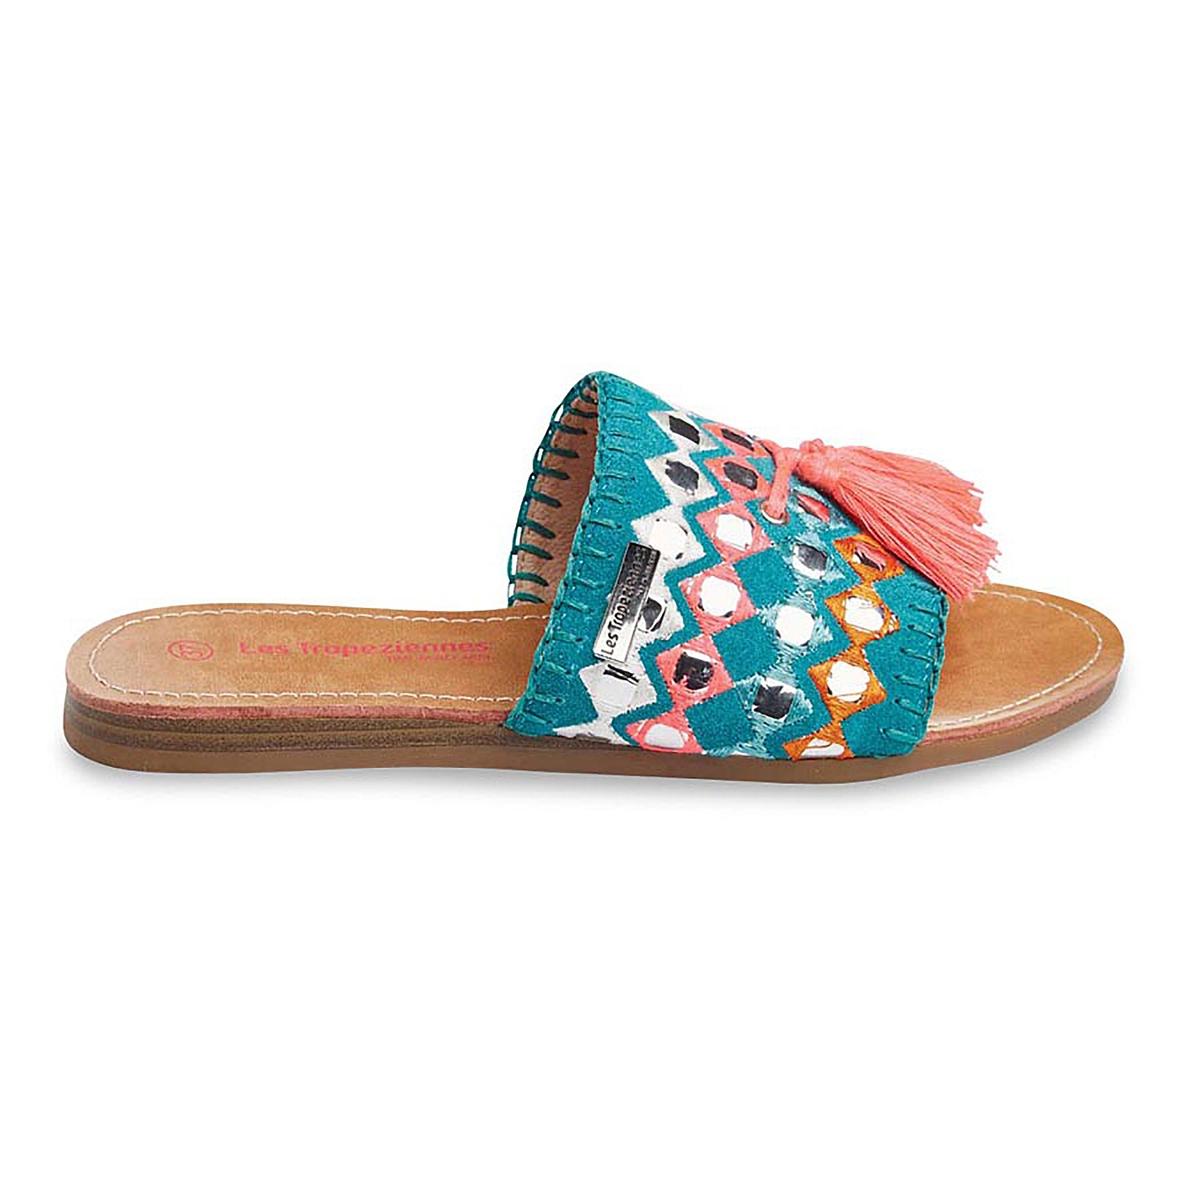 Туфли без задника кожаные Ganache